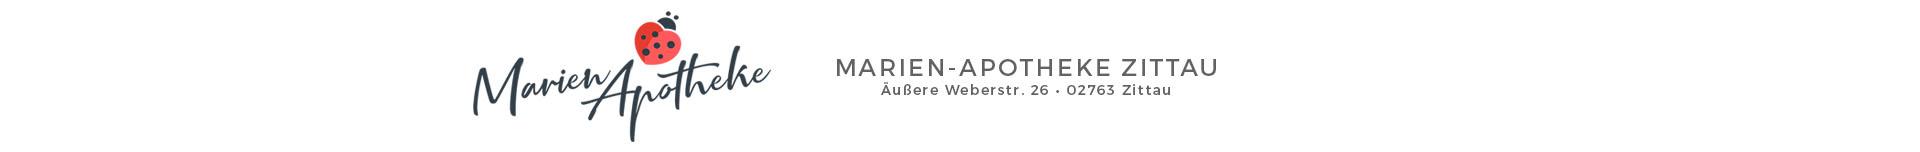 Marien-Apotheke Zittau